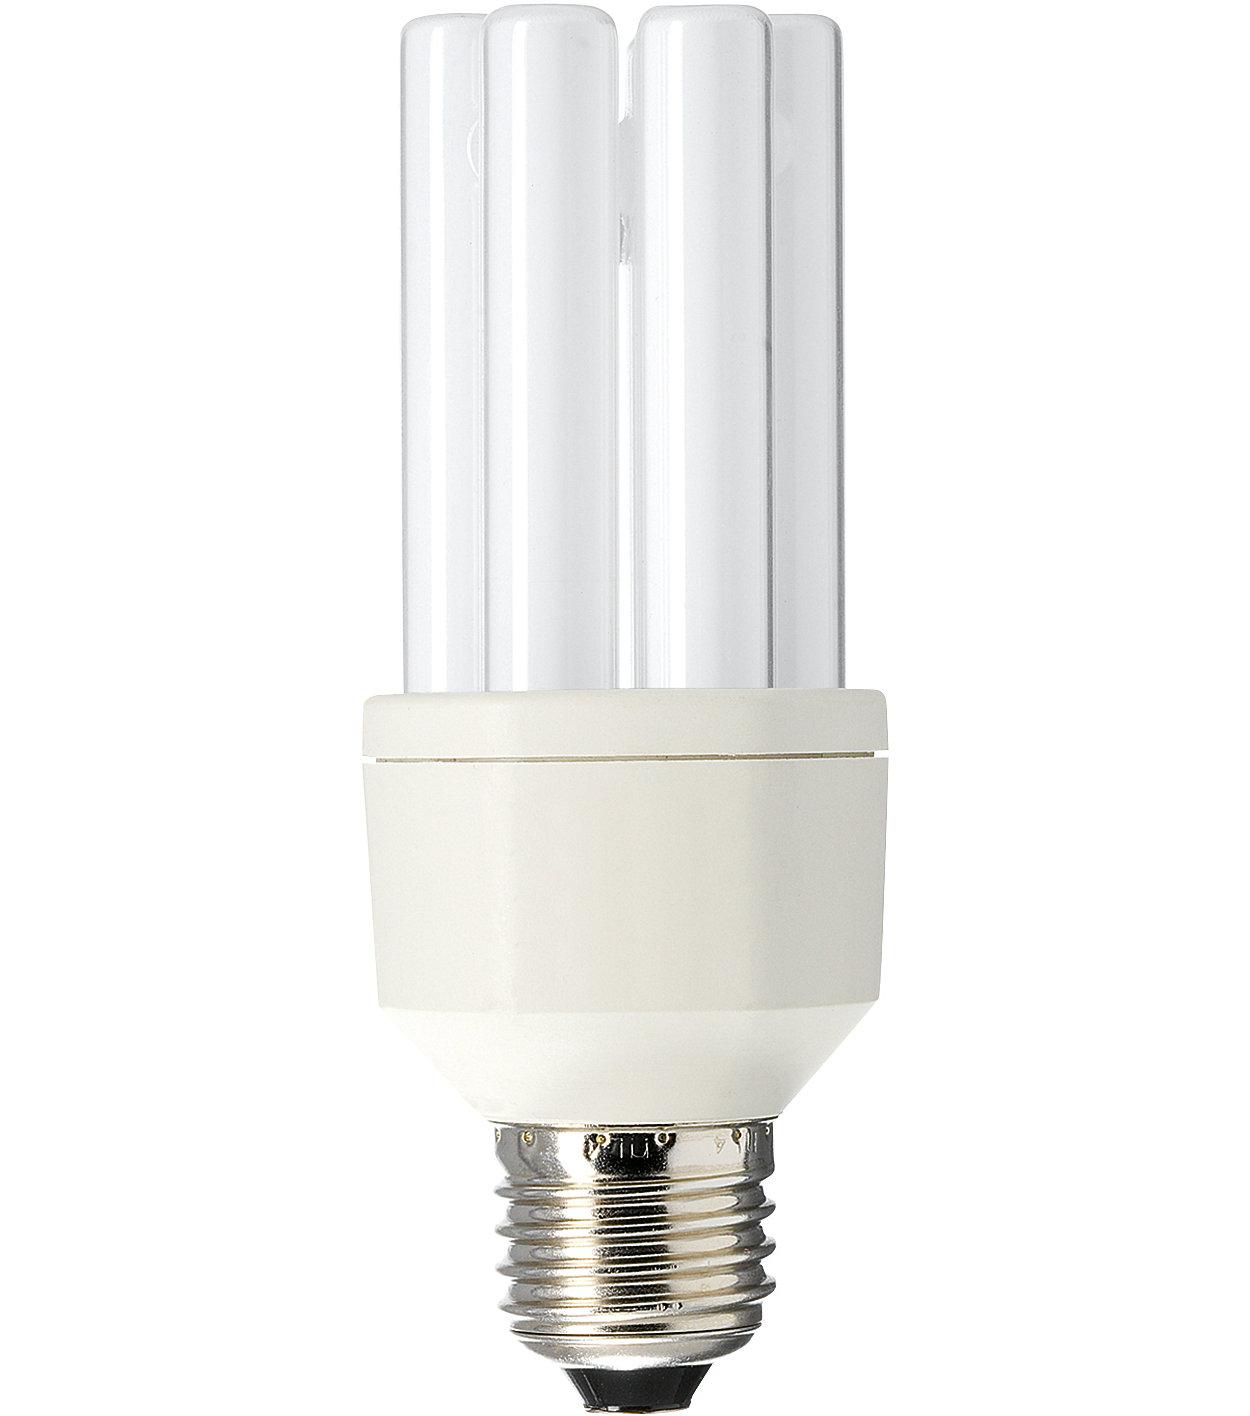 Energibesparende lyskilde som tåler å bli slått av og på